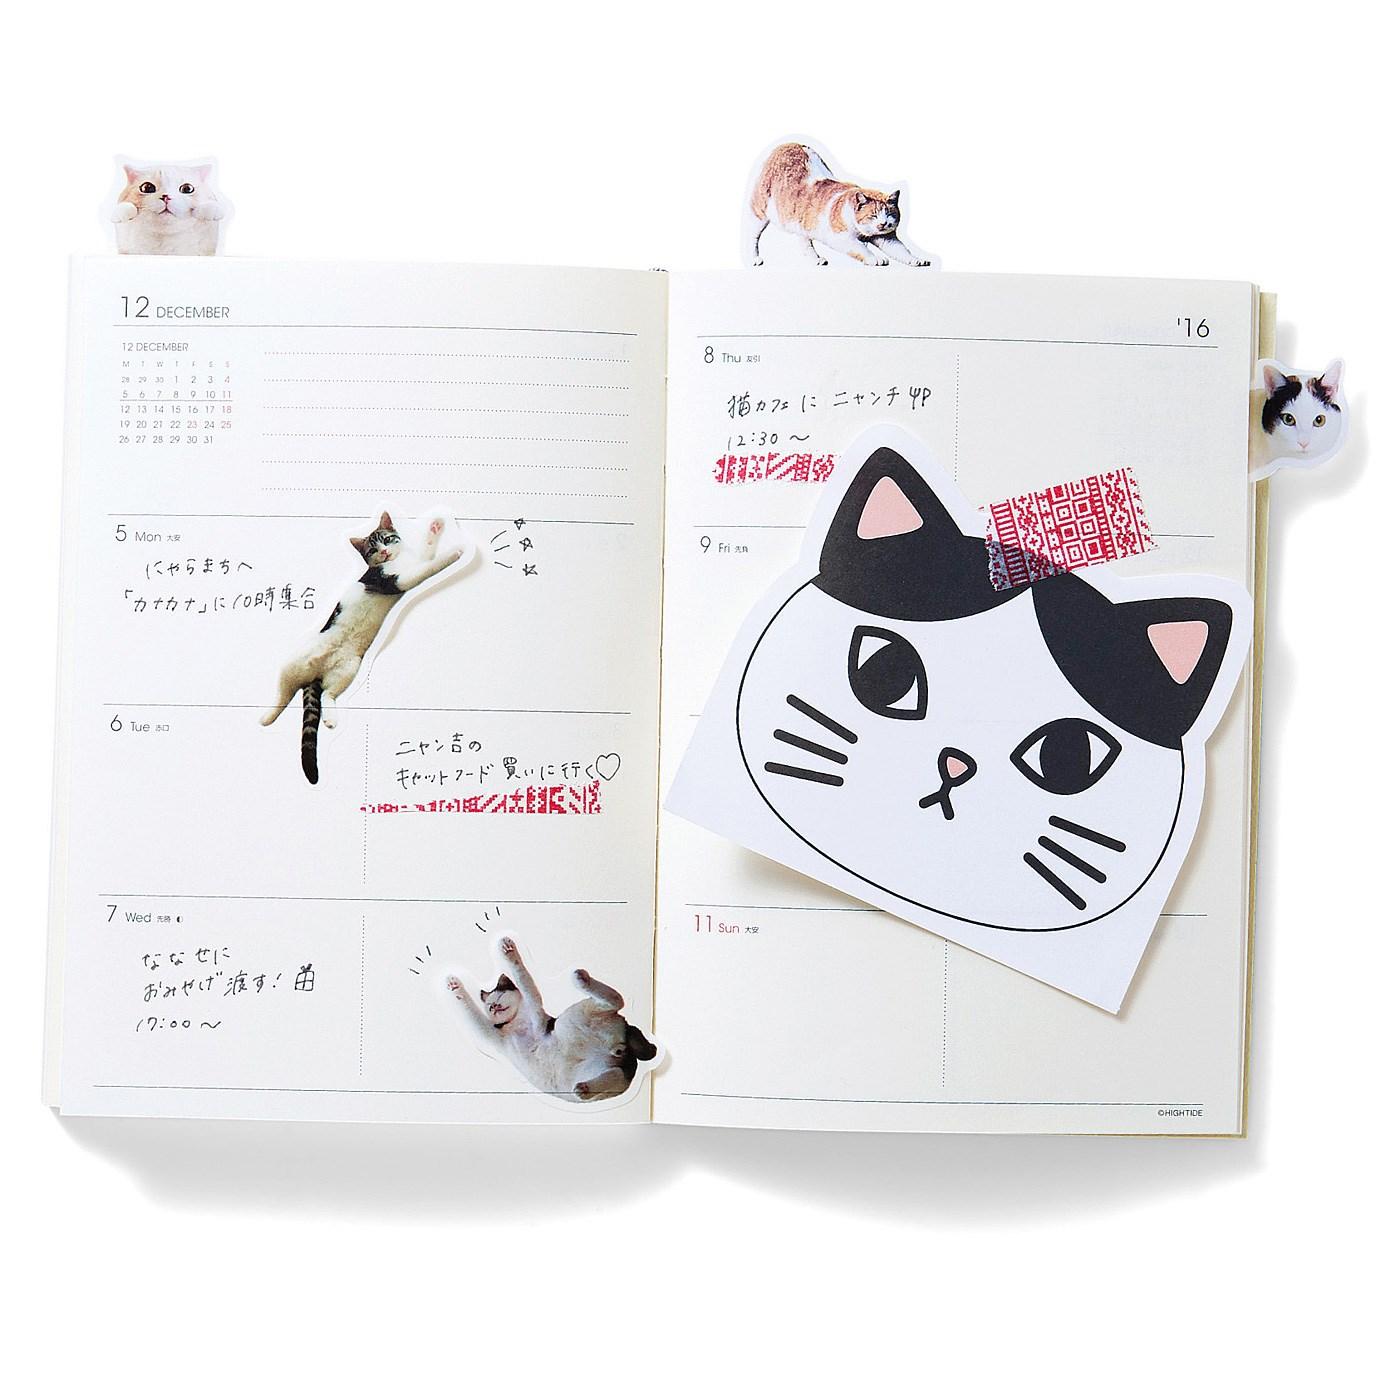 手帳やノートの盛り上げ役 旅の思い出をつづるページも猫さんでいっぱい♪